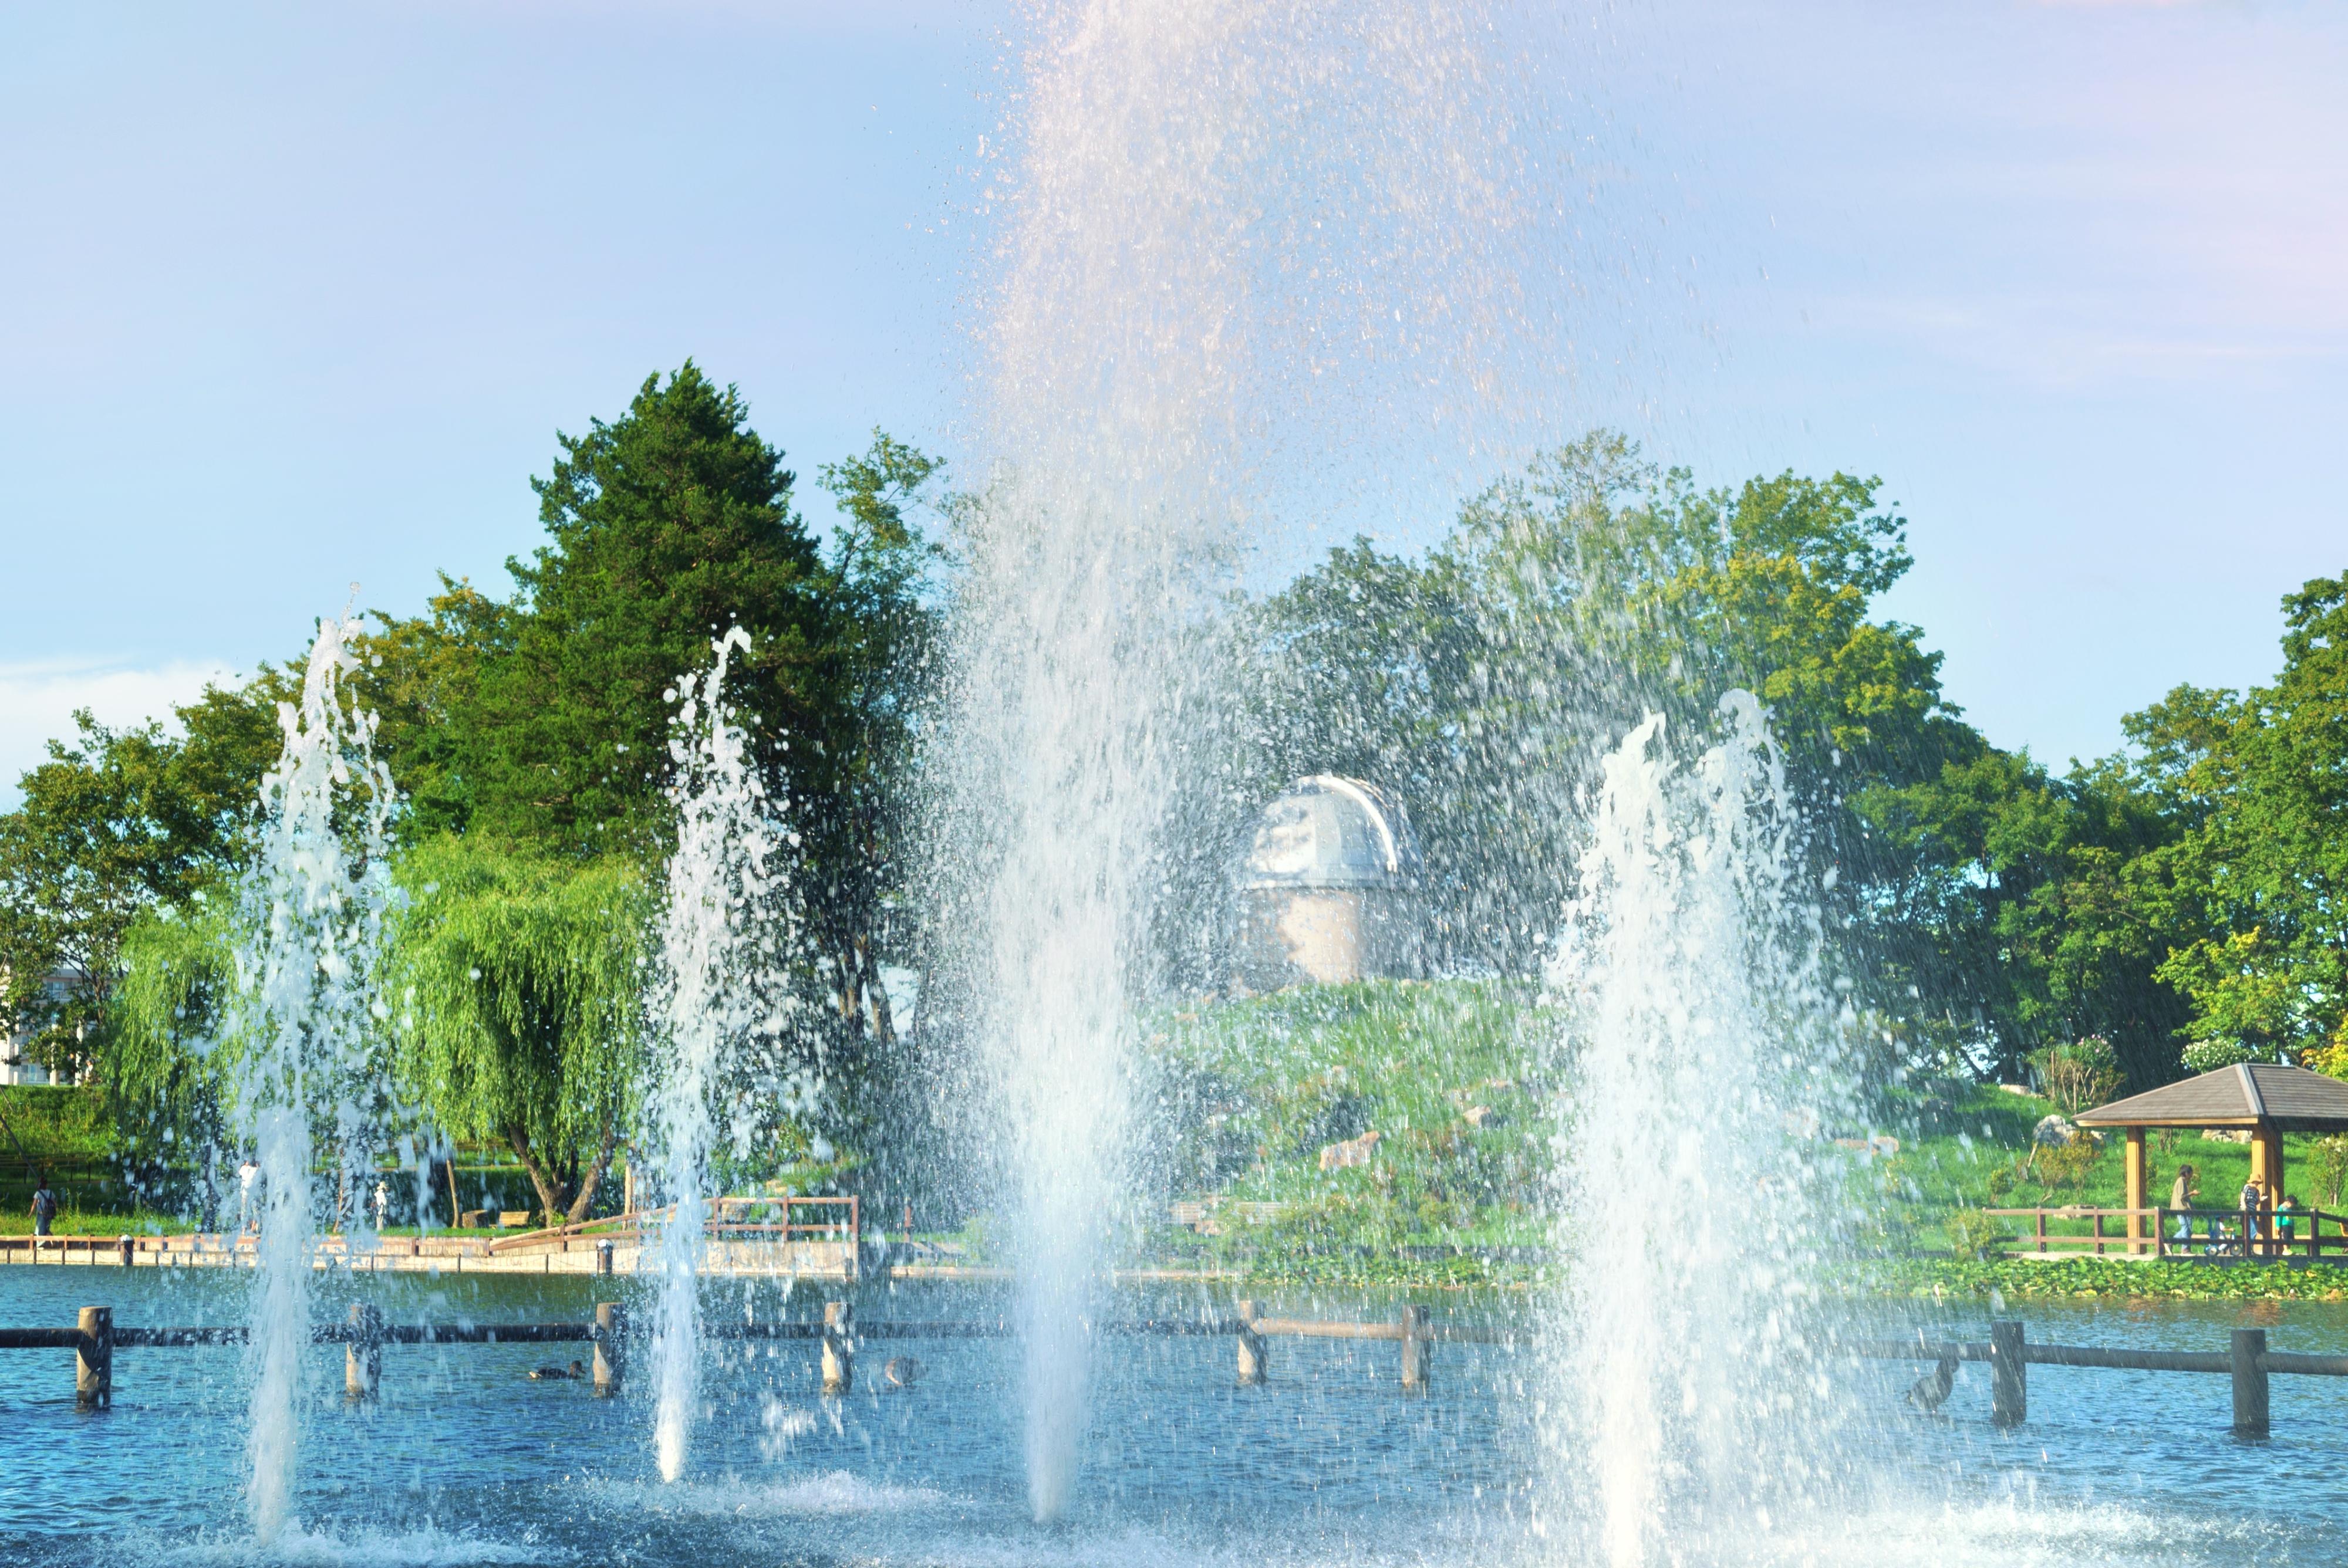 Asahiyama Park